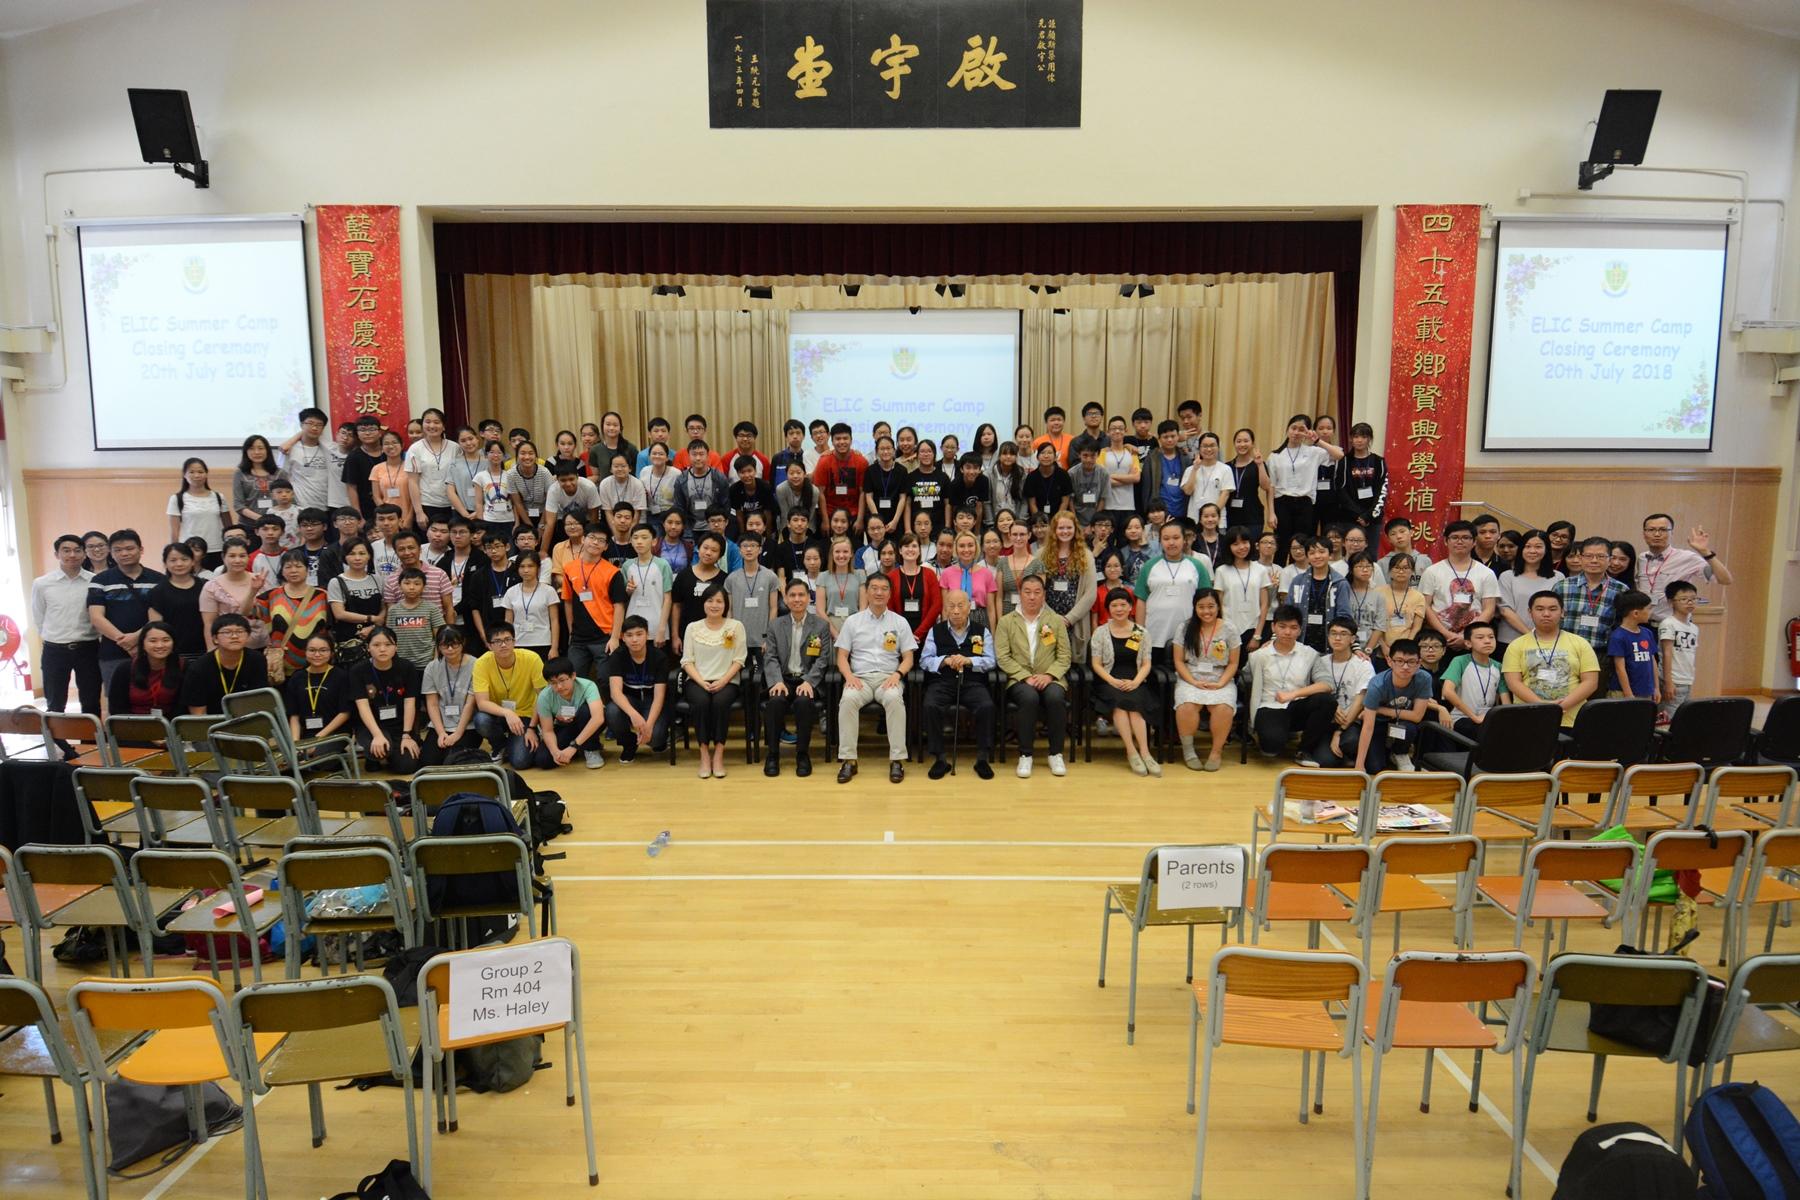 https://www.npc.edu.hk/sites/default/files/dsc_2793.jpg